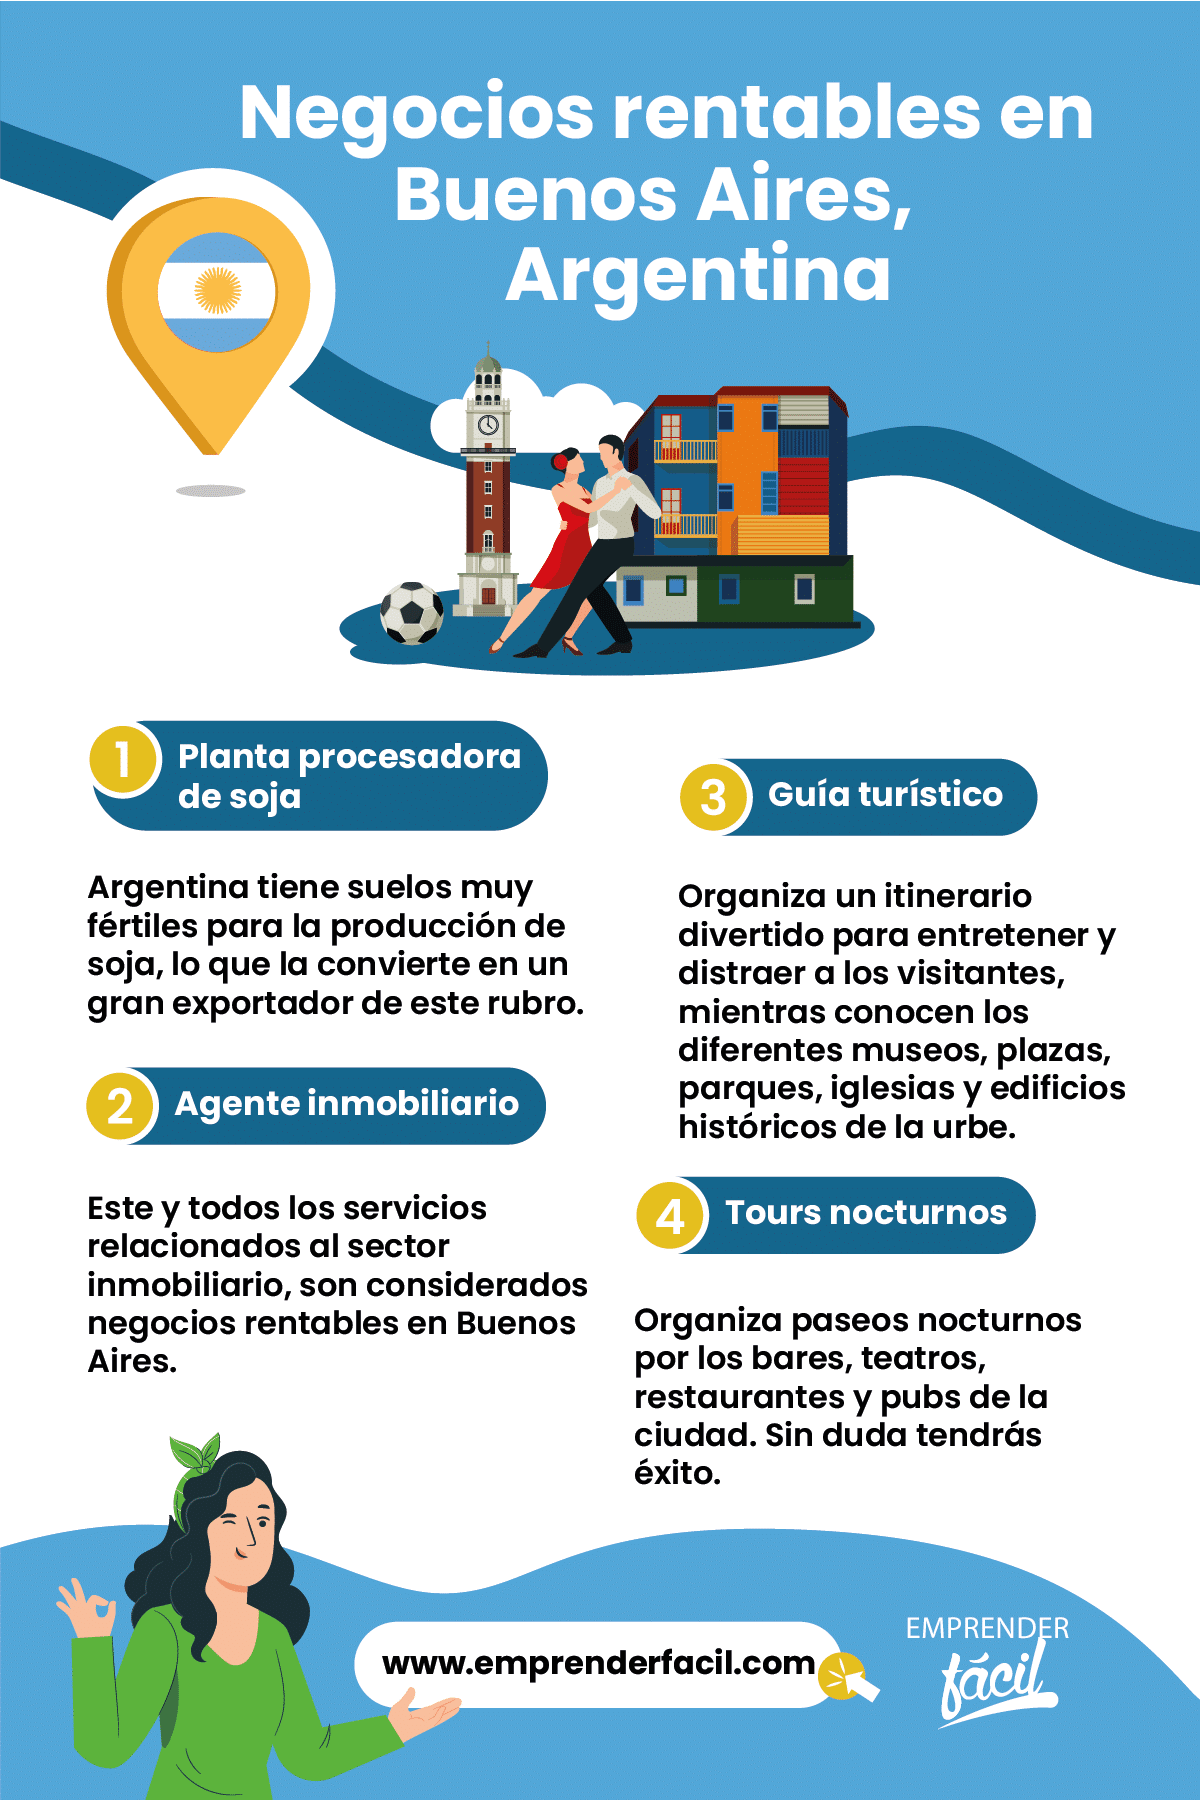 Negocios rentables en Buenos Aires, Argentina.